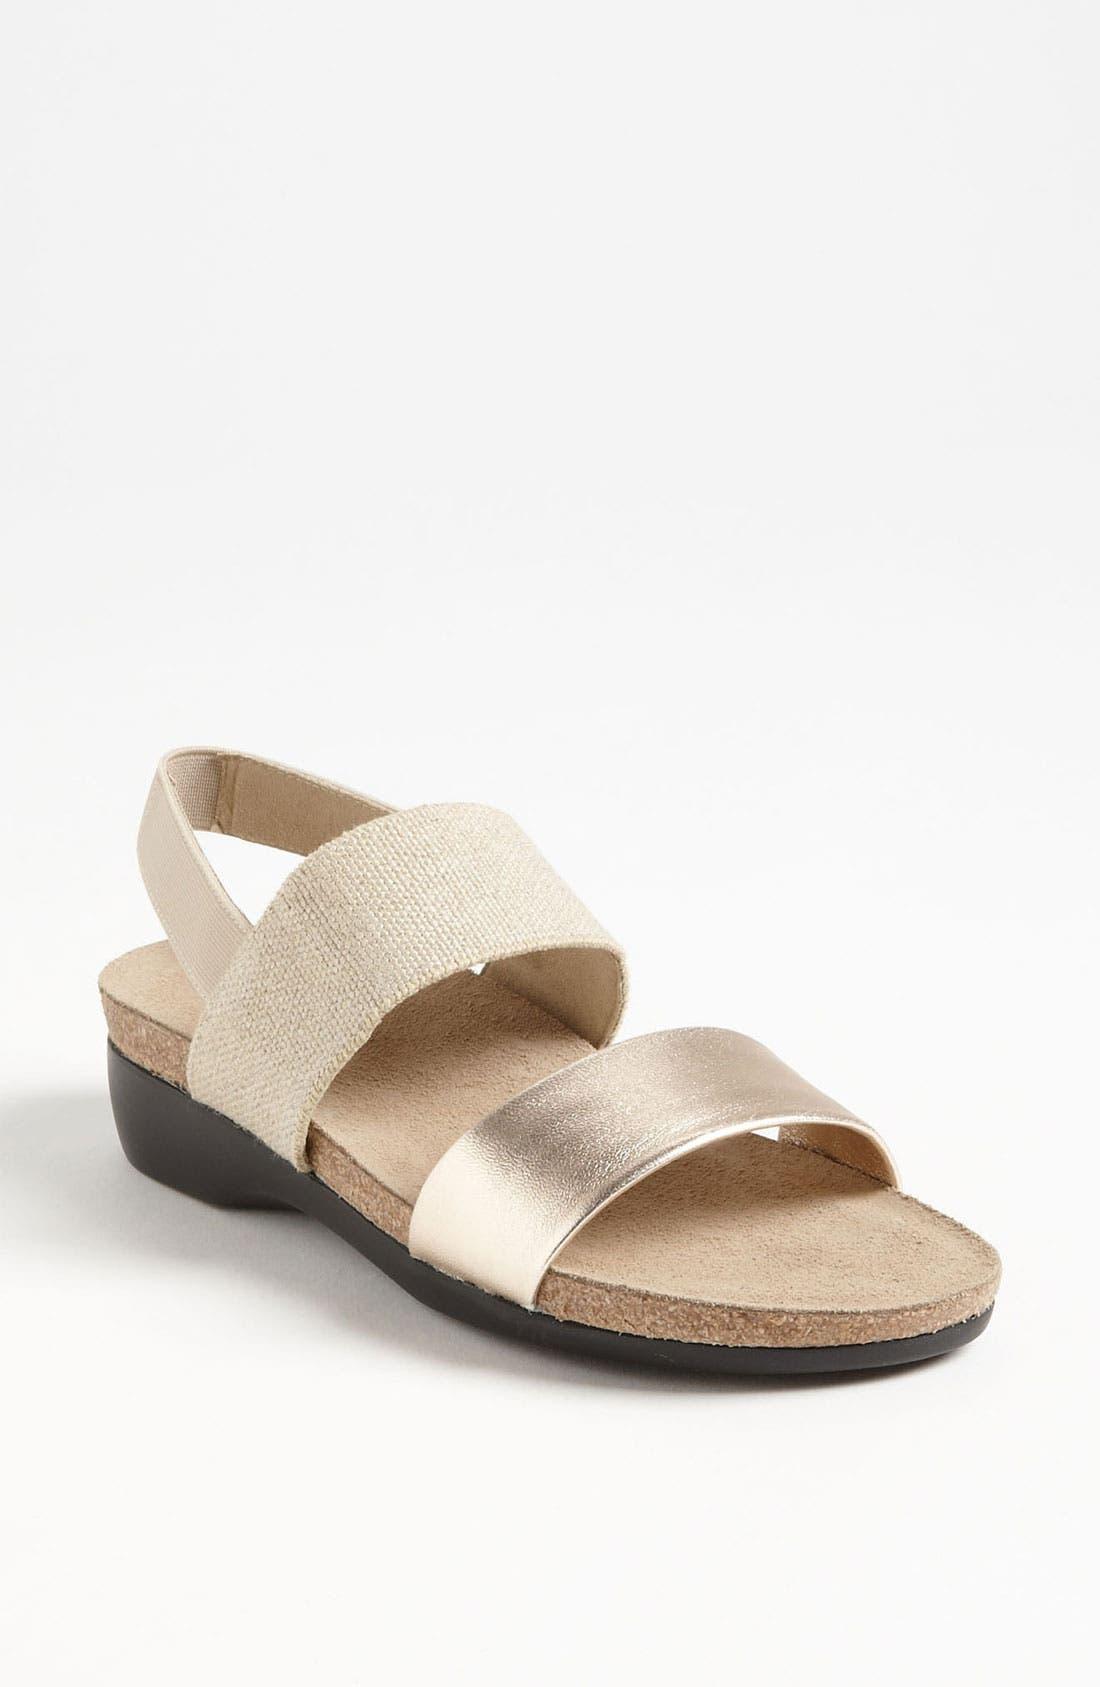 Womens sandals in wide width - Womens Sandals In Wide Width 43